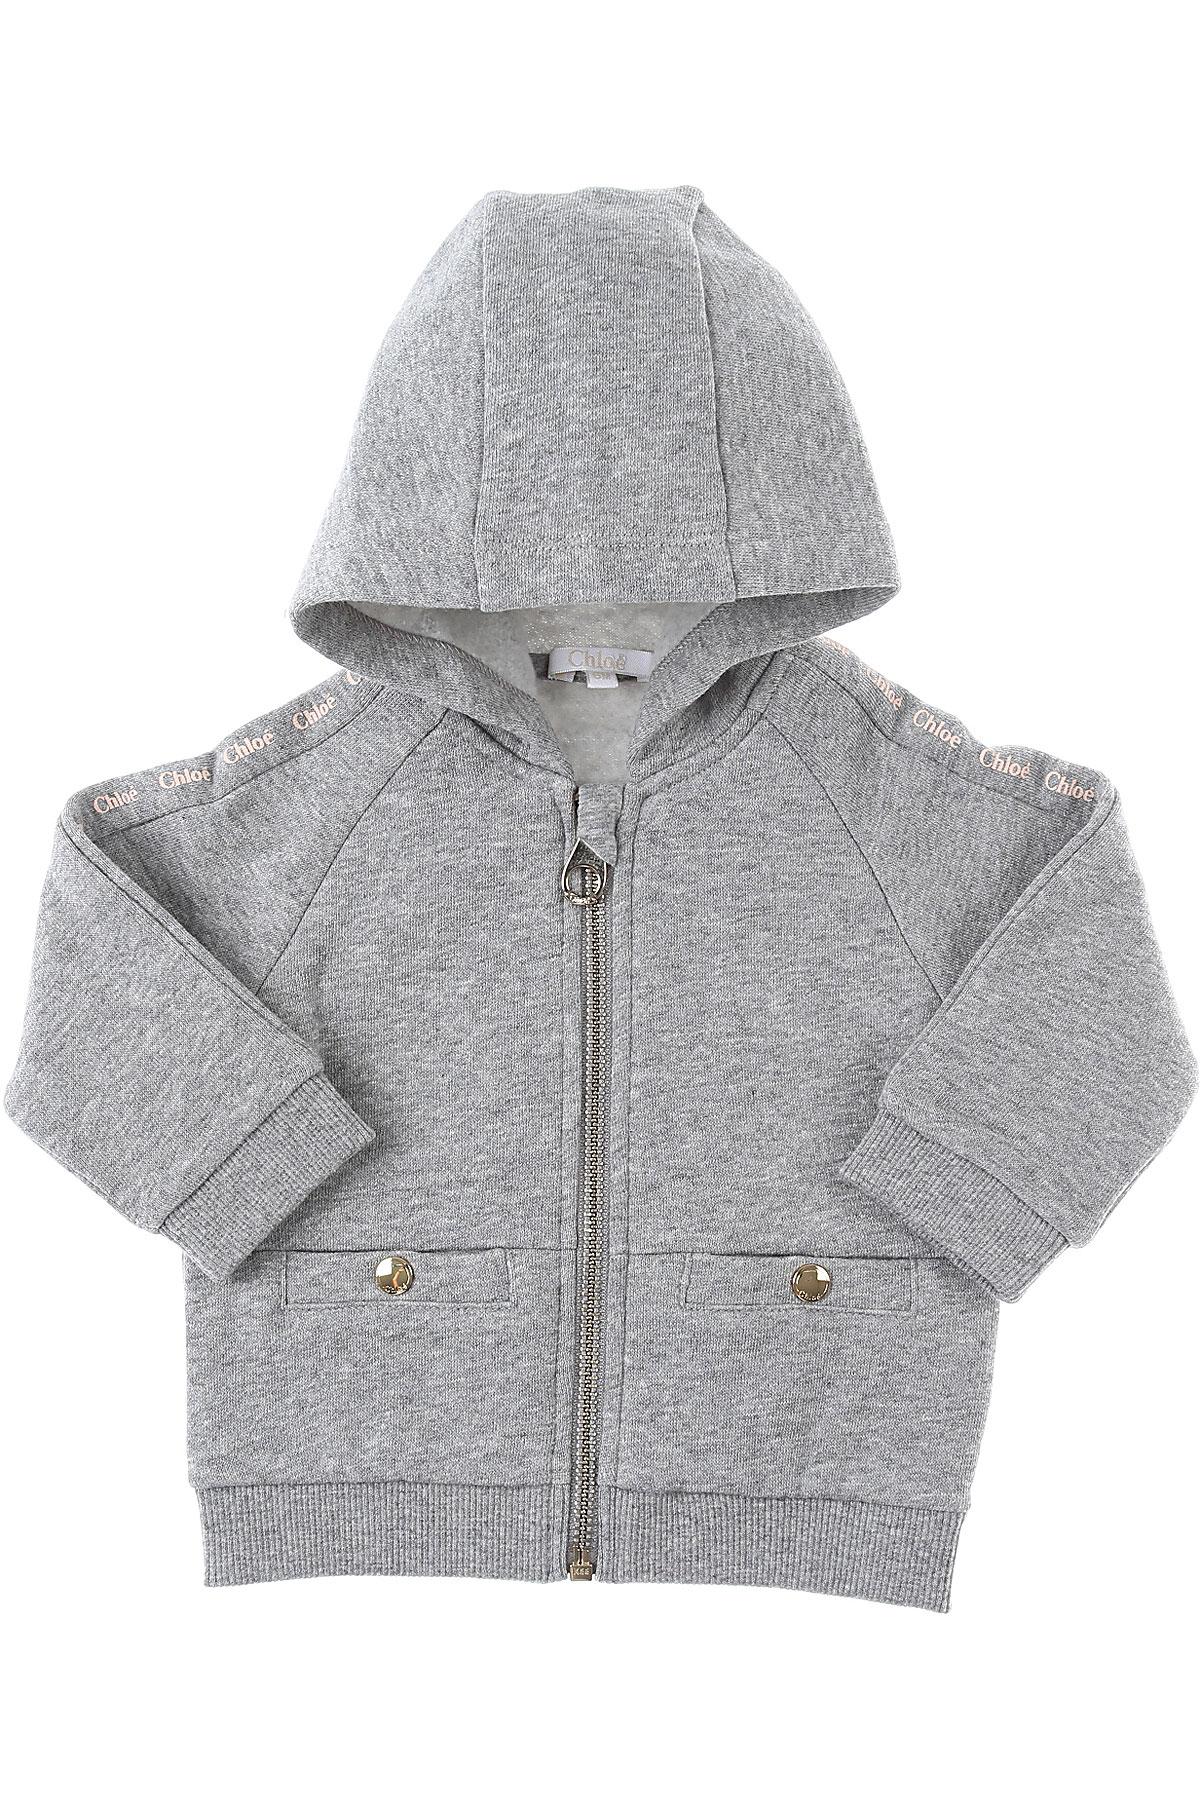 Chloe Baby Sweatshirts & Hoodies for Girls On Sale, Grey, Cotton, 2019, 12M 18M 2Y 3Y 6M 9M